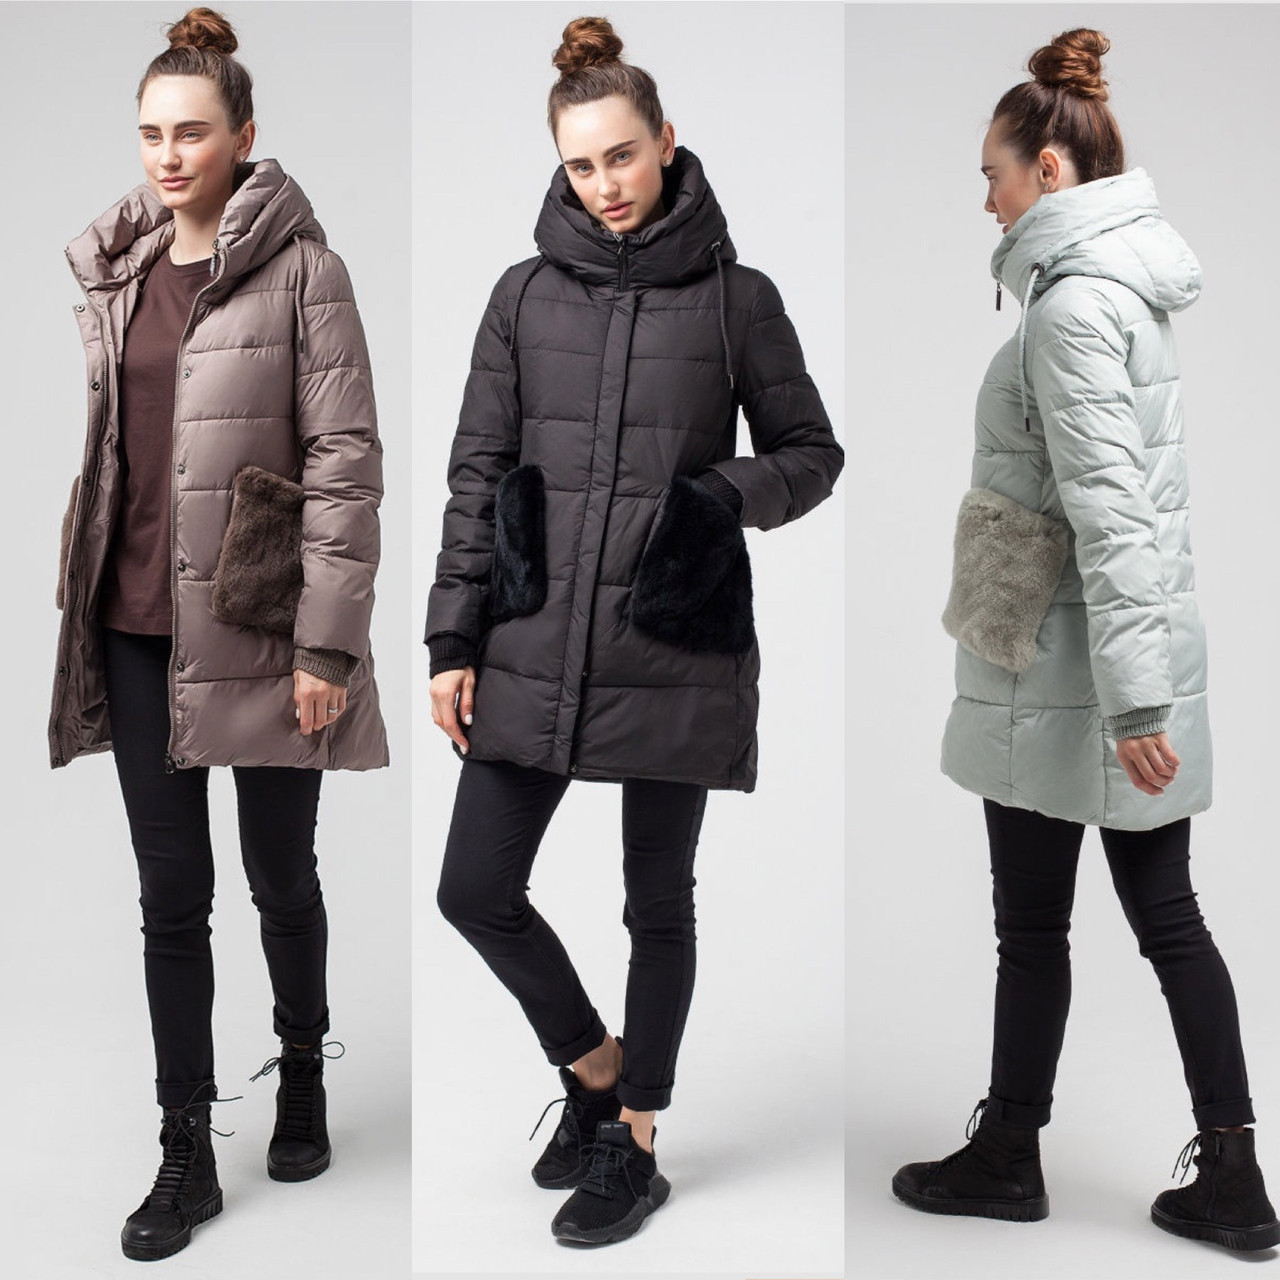 Зимняя Куртка Оригинал LORA DUVETTI . Цвета и Размеры в наличии  (42-50)